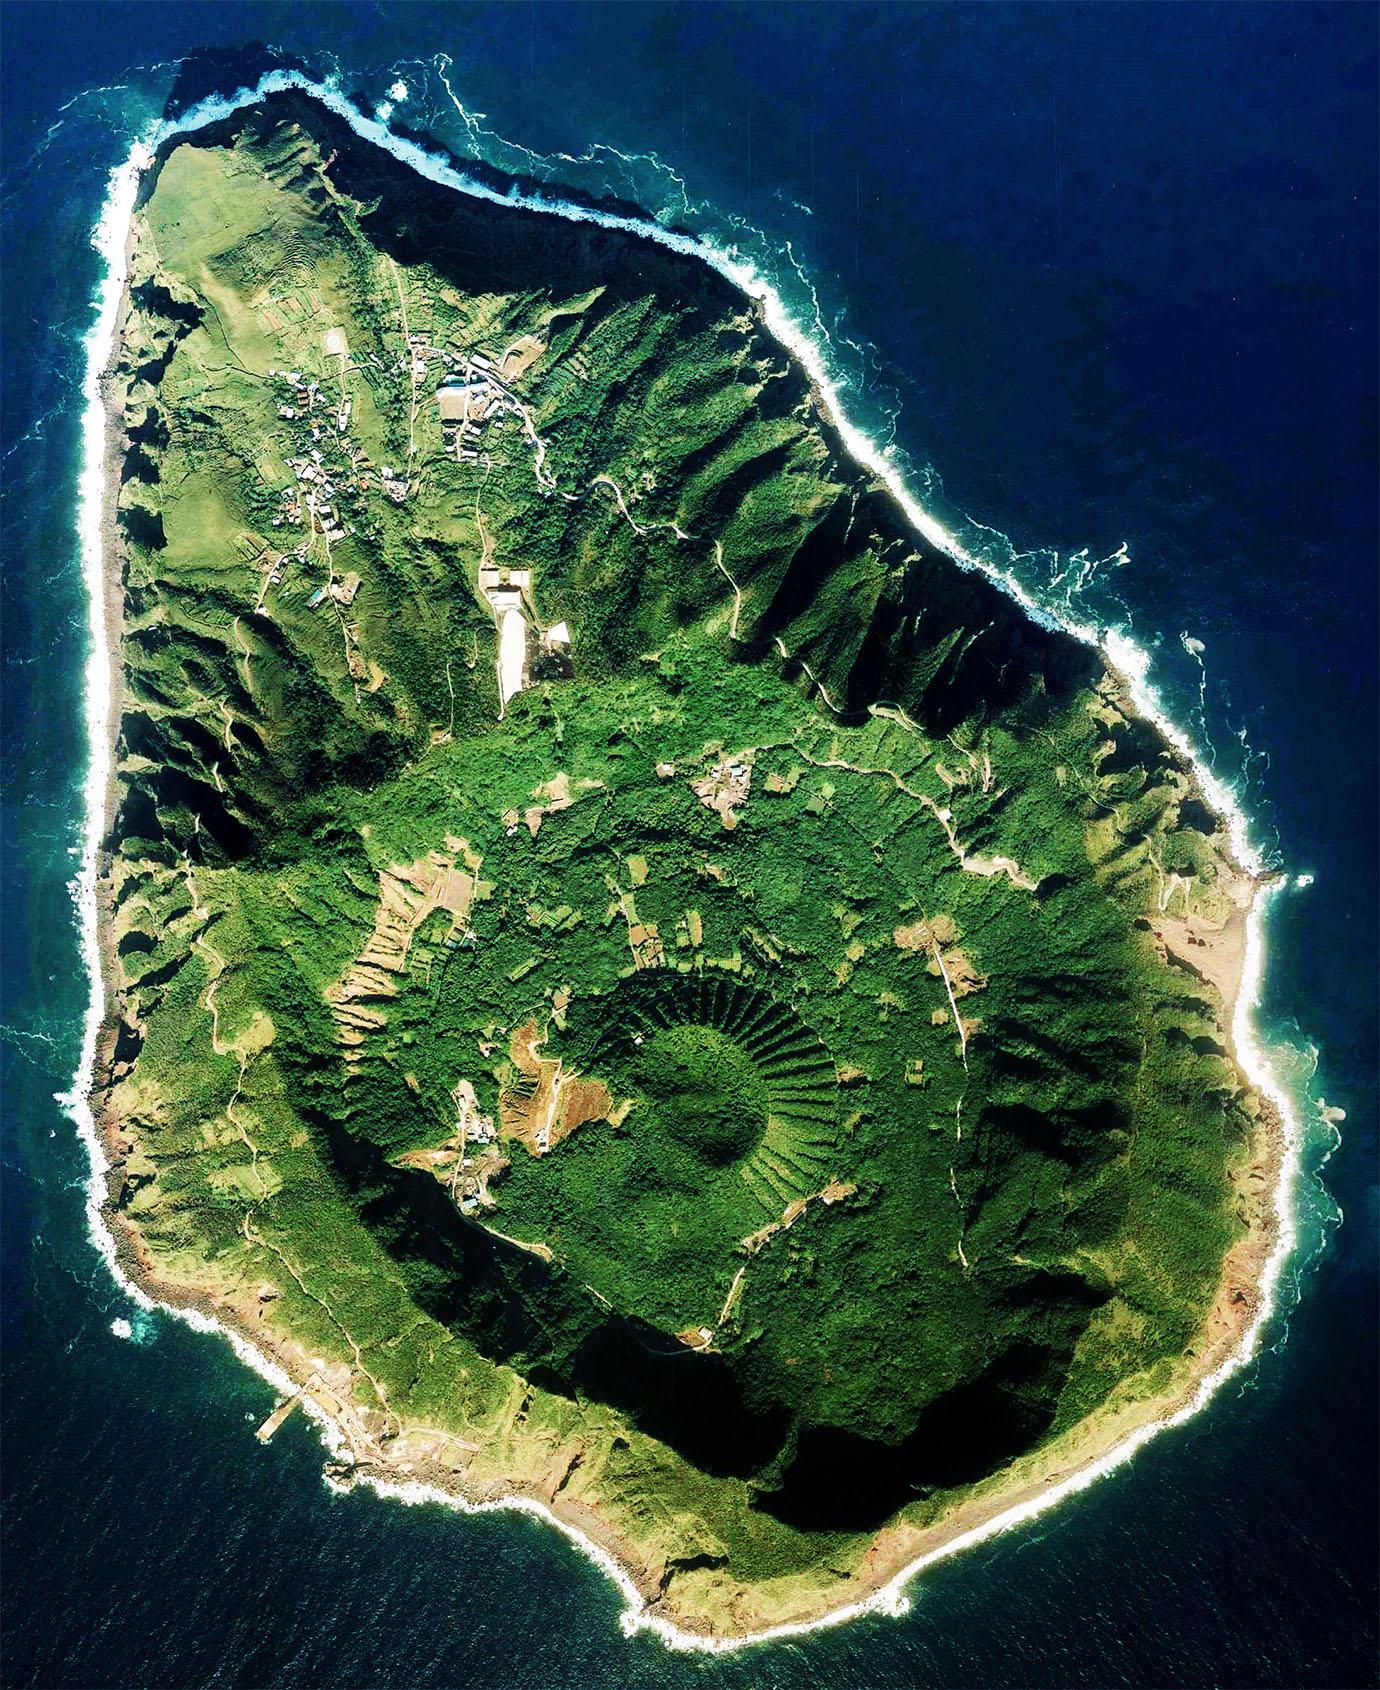 aogashima-image